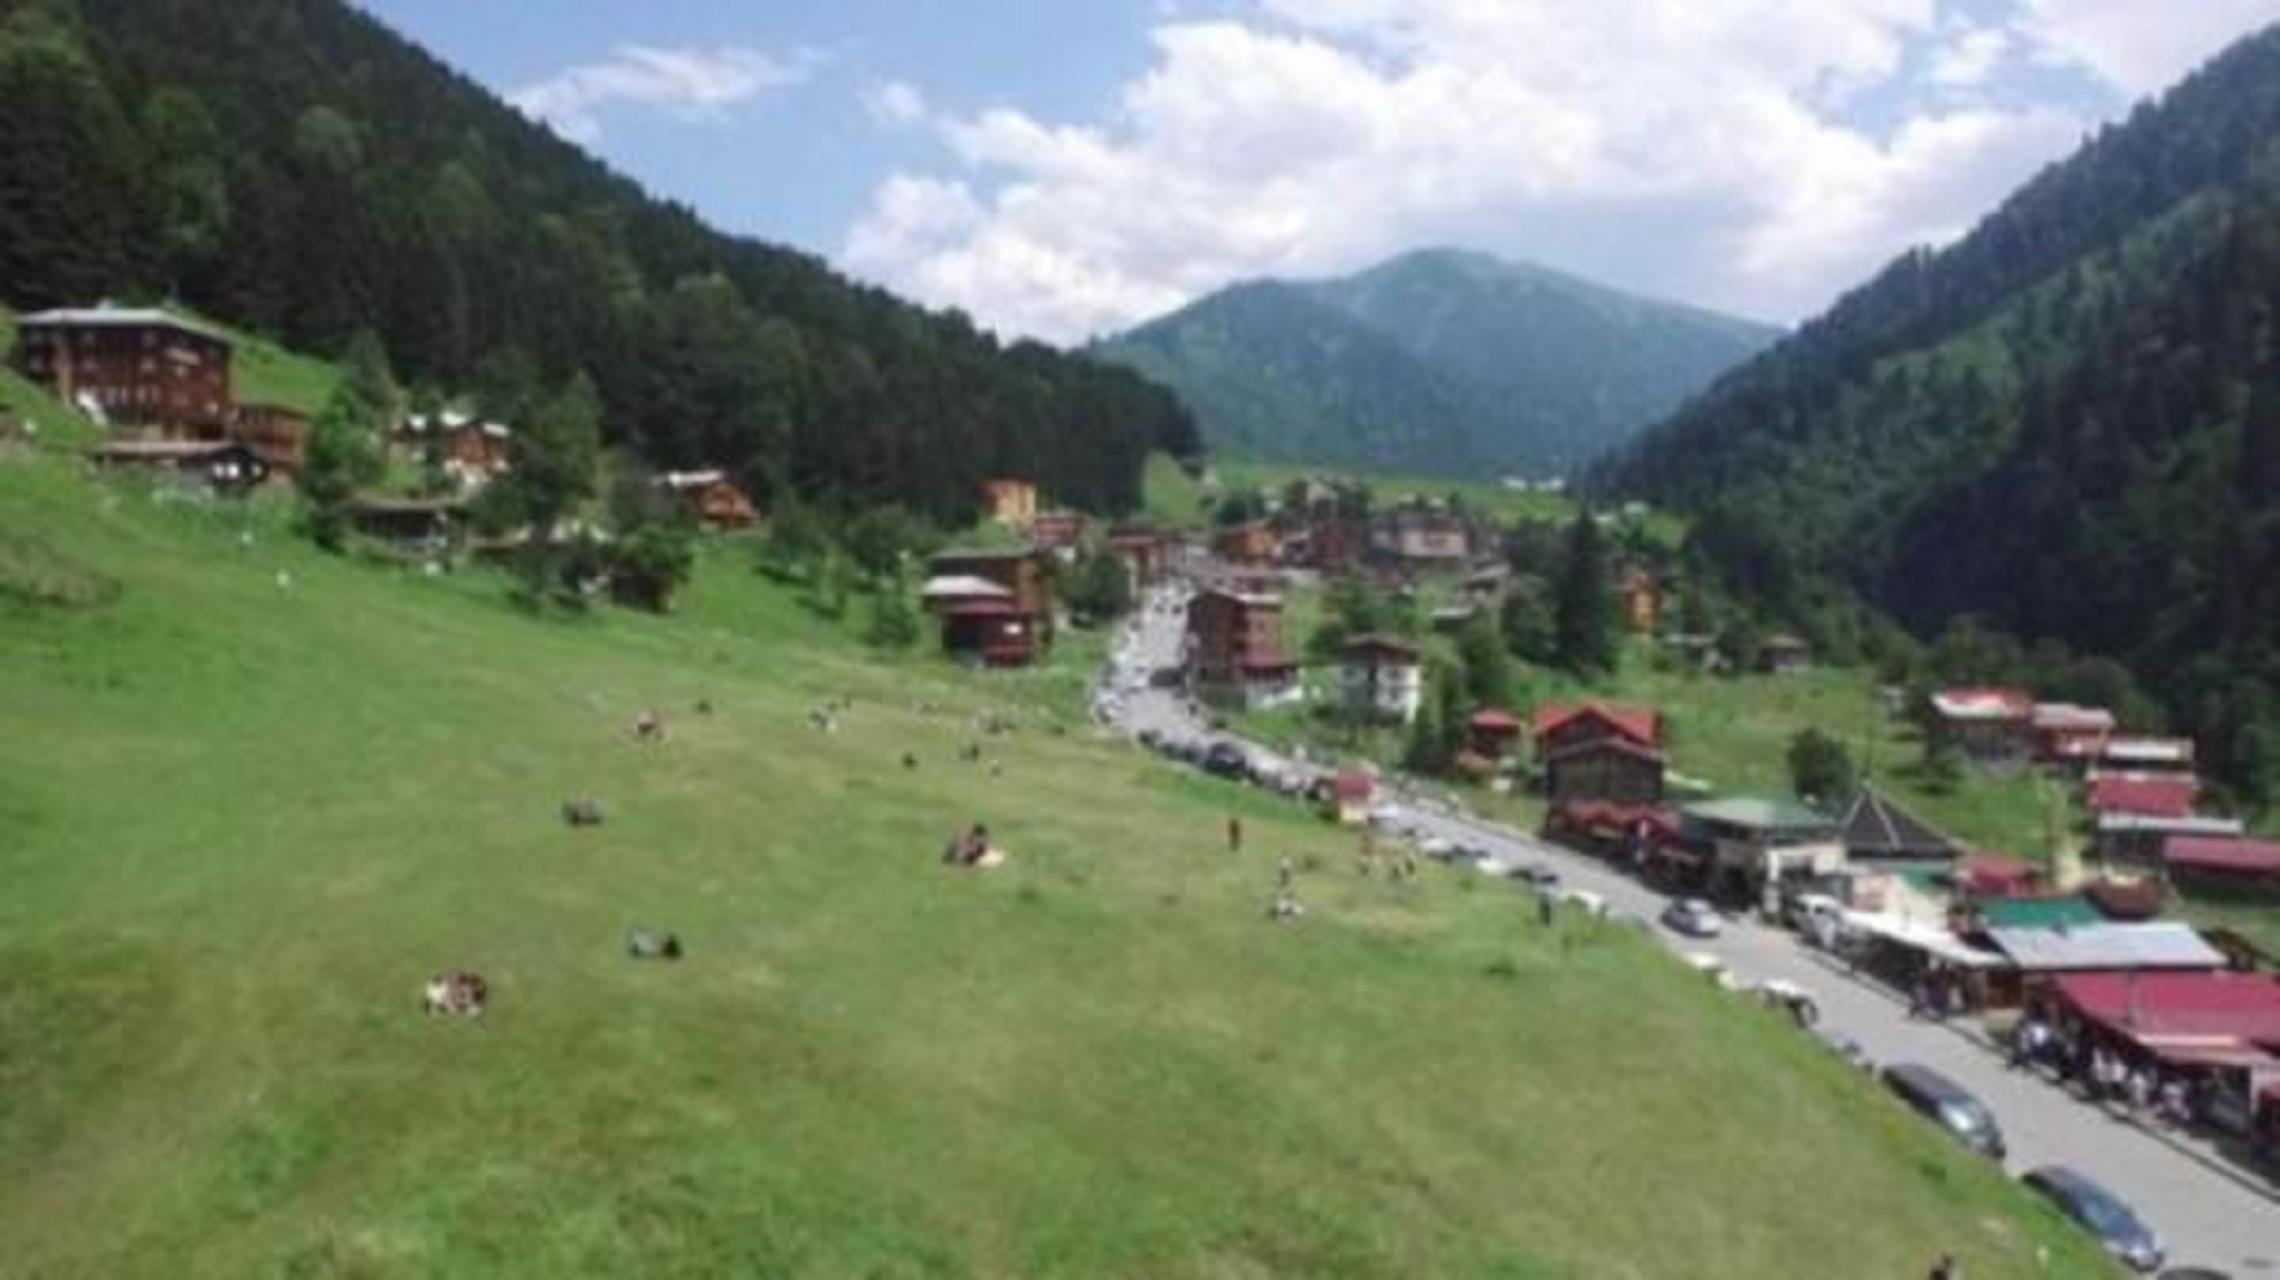 Rize İli, Çamlıhemşin İlçesi Sınırları İçerisinde Bulunan Ayder Kültür ve Turizm Koruma ve Gelişim Bölgesi Doğal Sit Alanının Koruma Statüsünün Yeniden Değerlendirilmesi